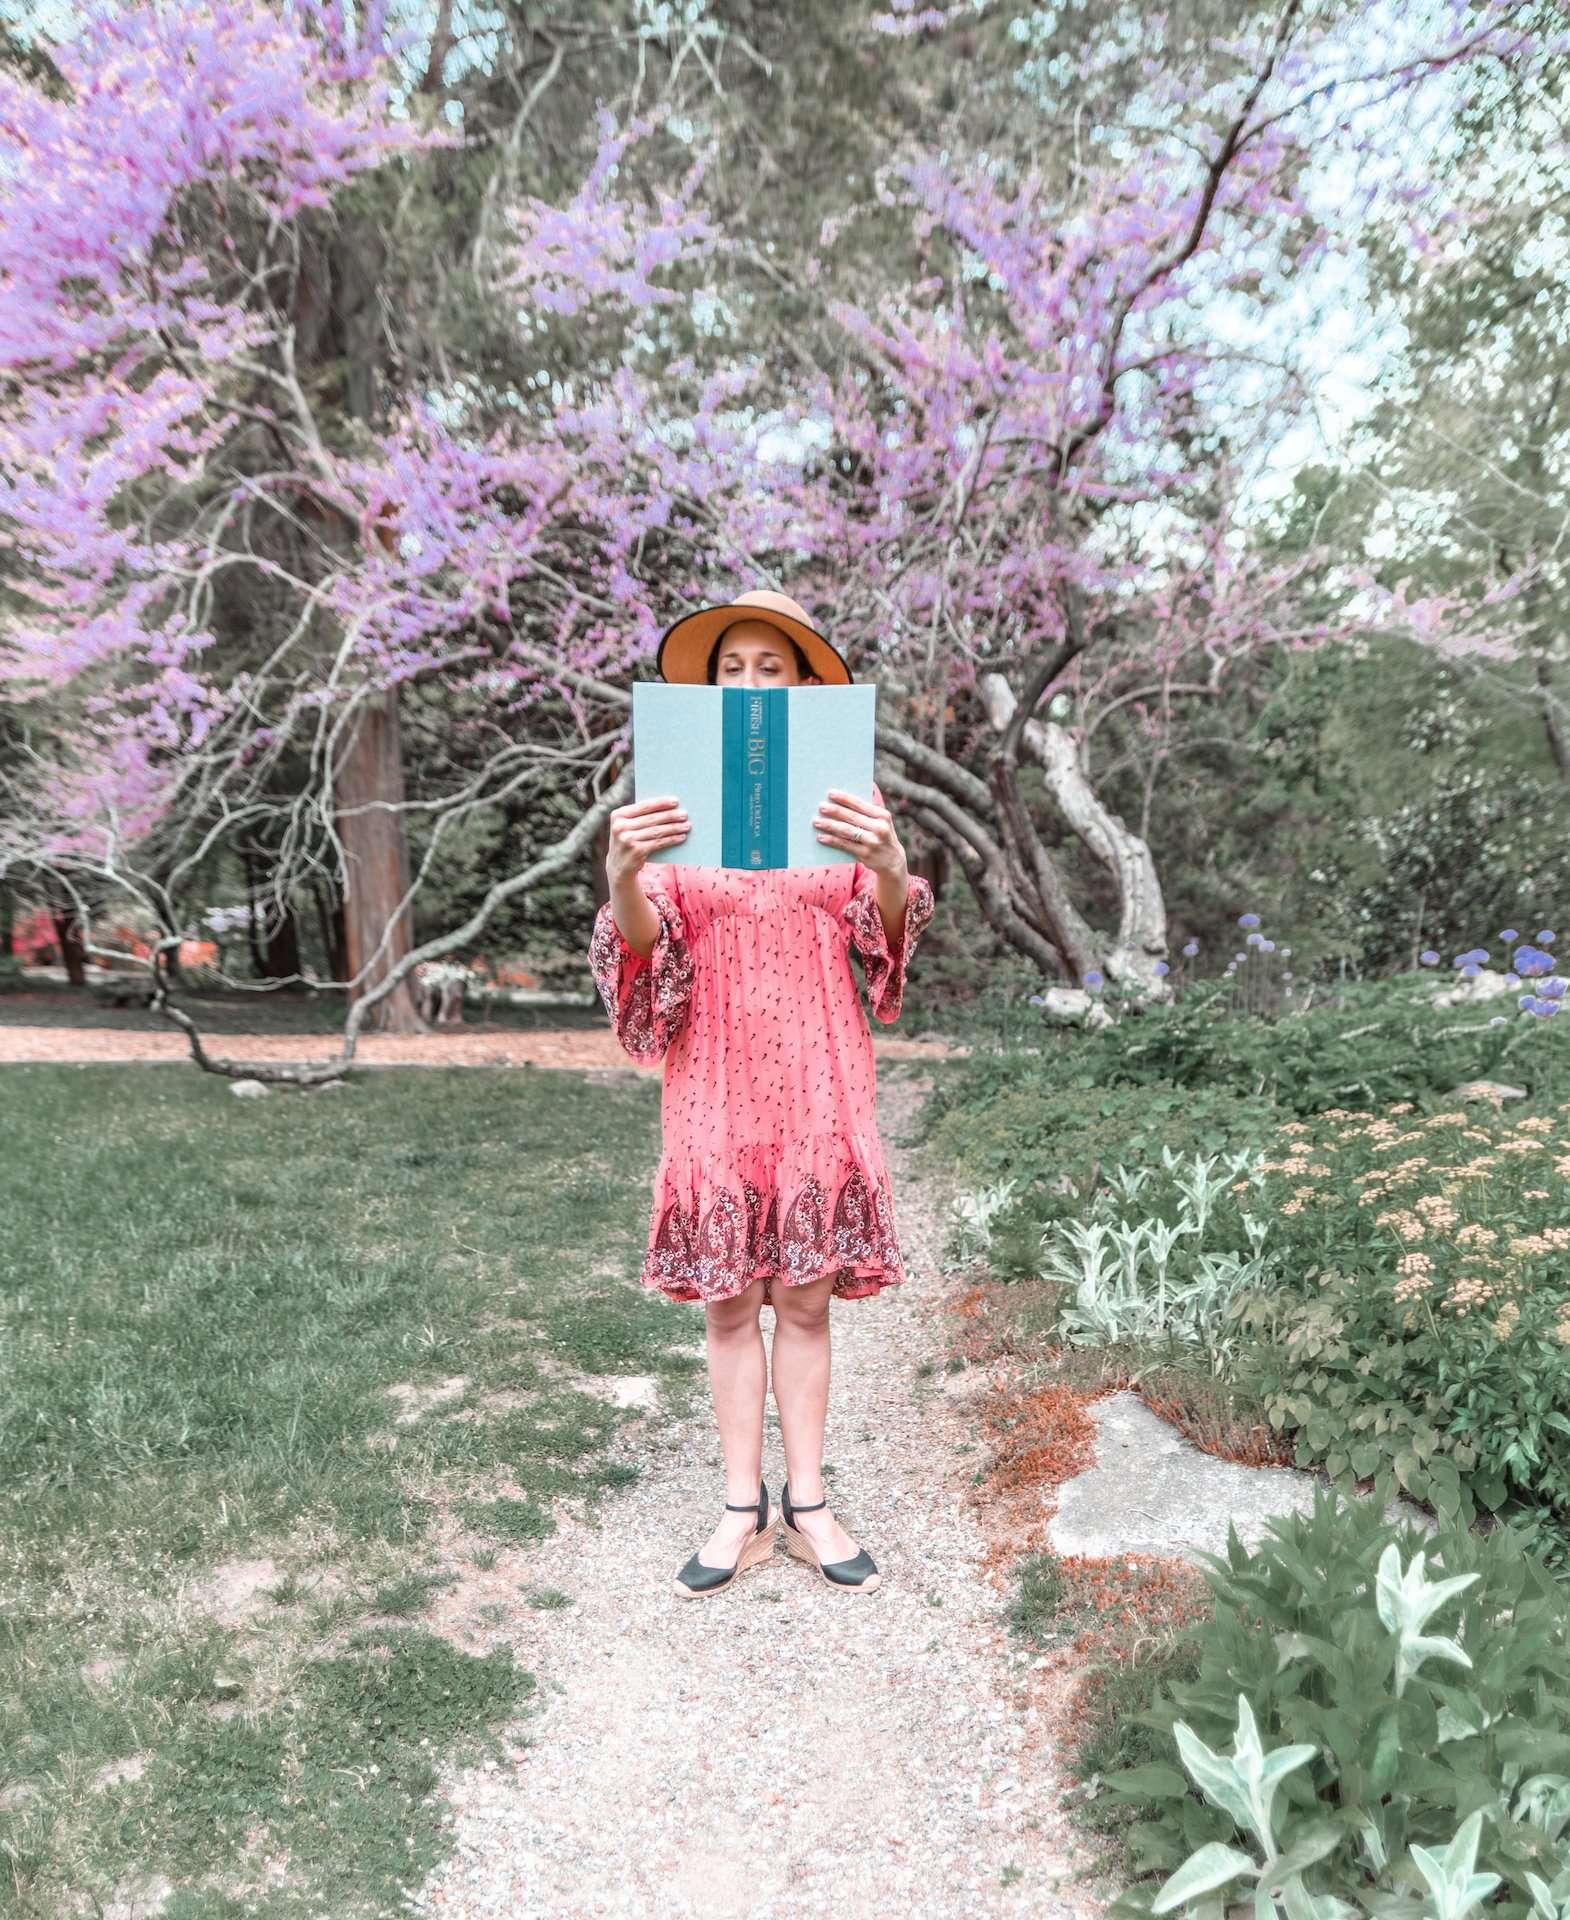 Reading at Stamford Arboretum